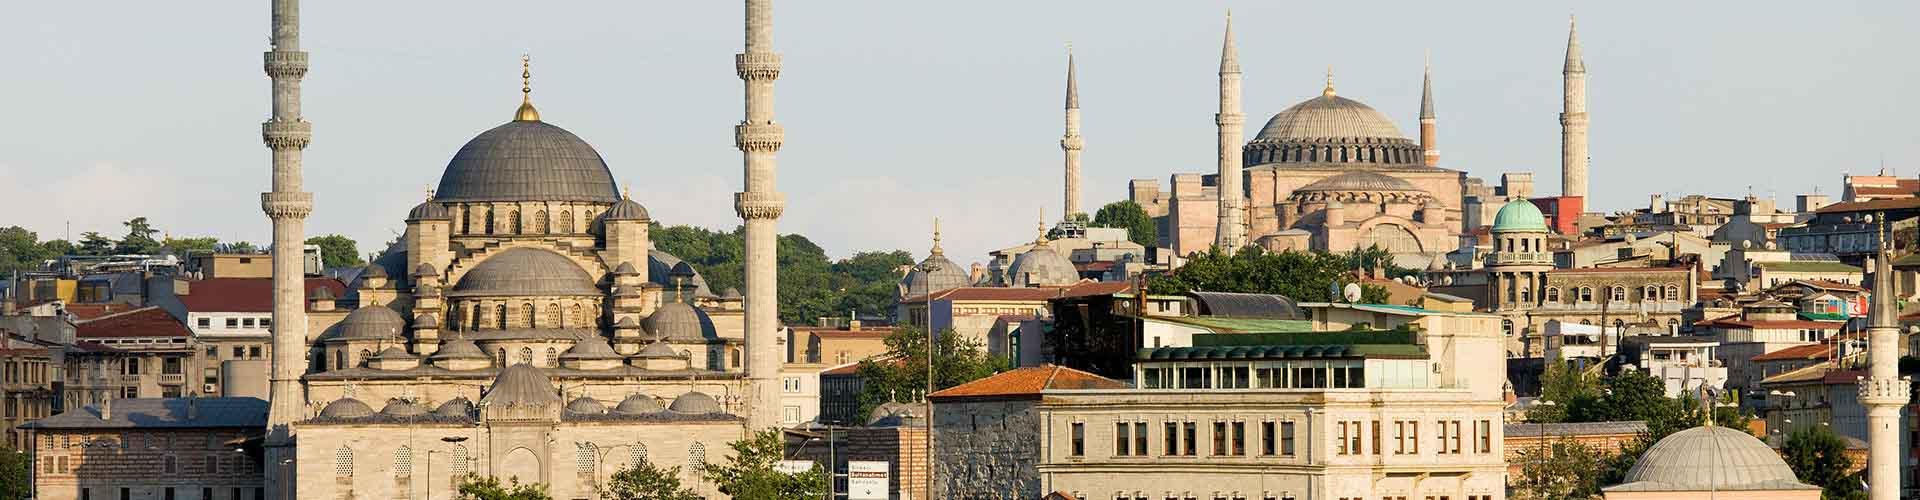 Isztambul - Ifjúsági Szállások Isztambulben. Isztambul térképek, fotók és ajánlások minden egyes ifjúsági szállásokra Isztambul-ben.